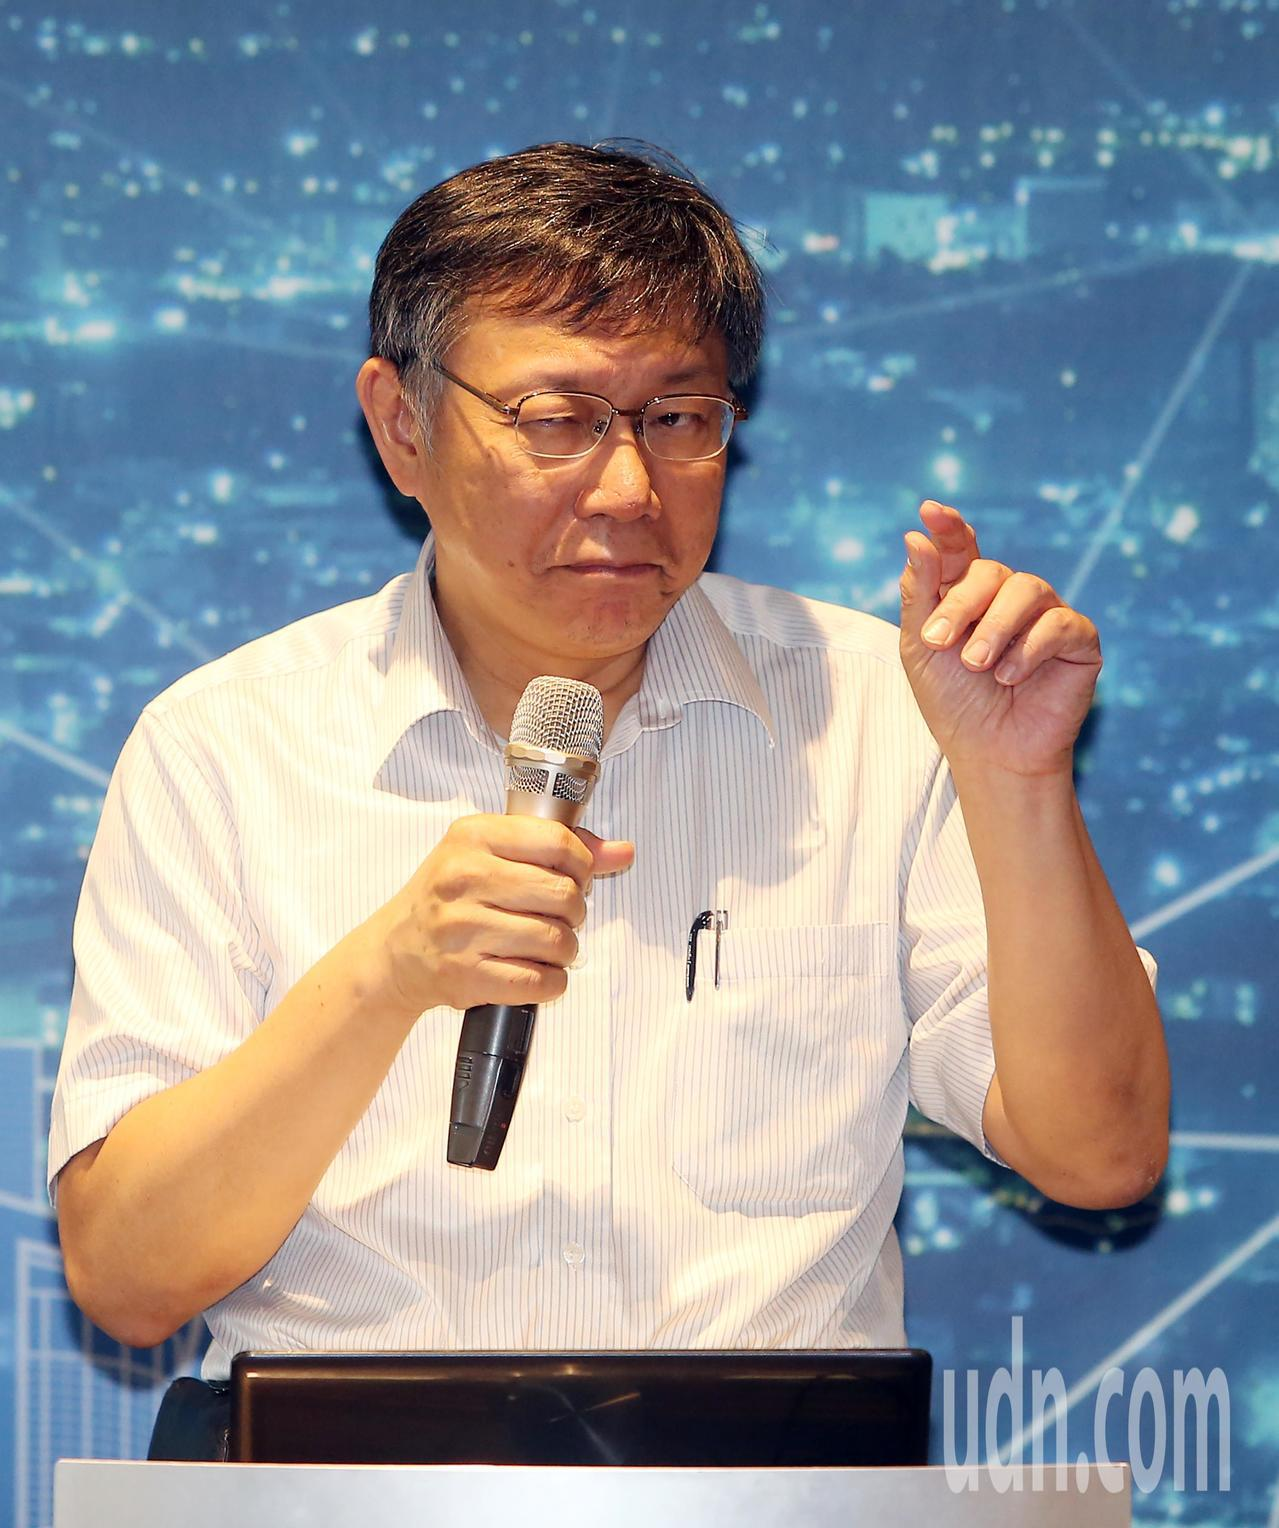 美國在台協會AIT上午舉辦「智慧城市-未來交通新趨勢論壇」,台北市長柯文哲出席。...